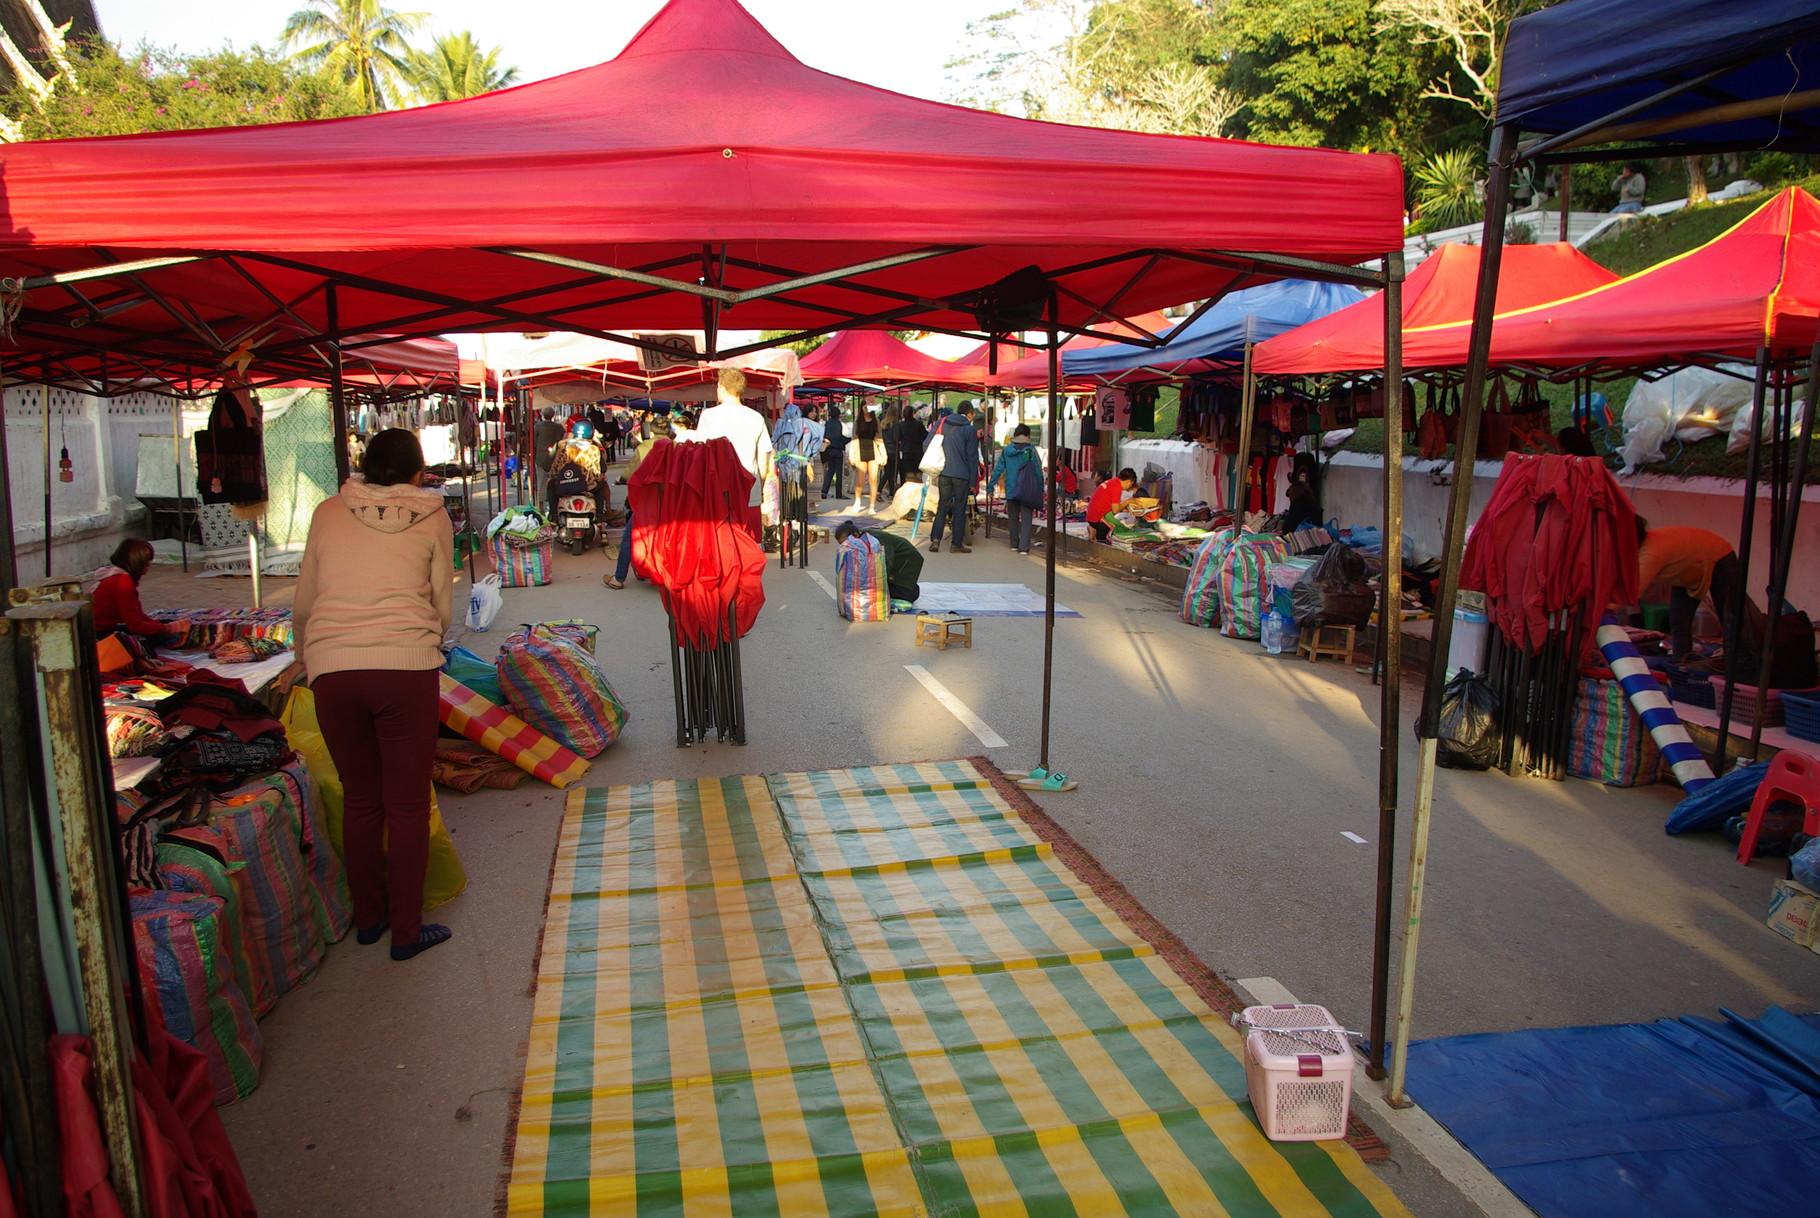 Die Waren werden auf Planen und Decken ausgebreitet